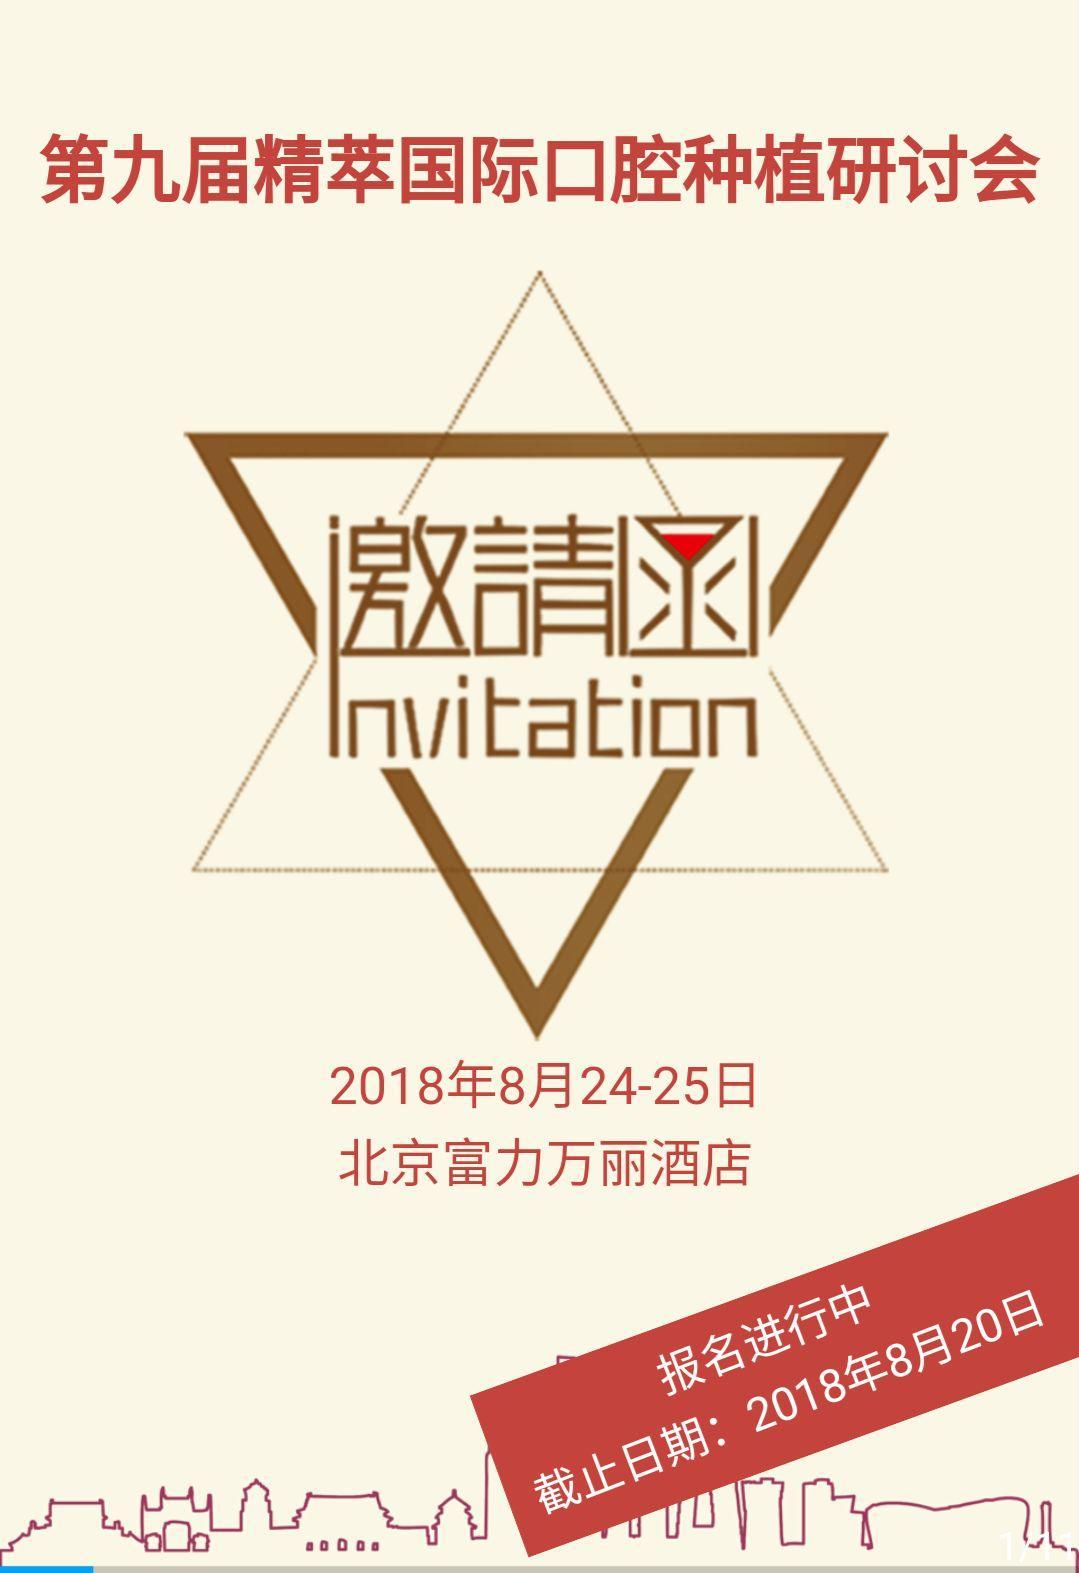 中华口腔医学会周报2018年第29期